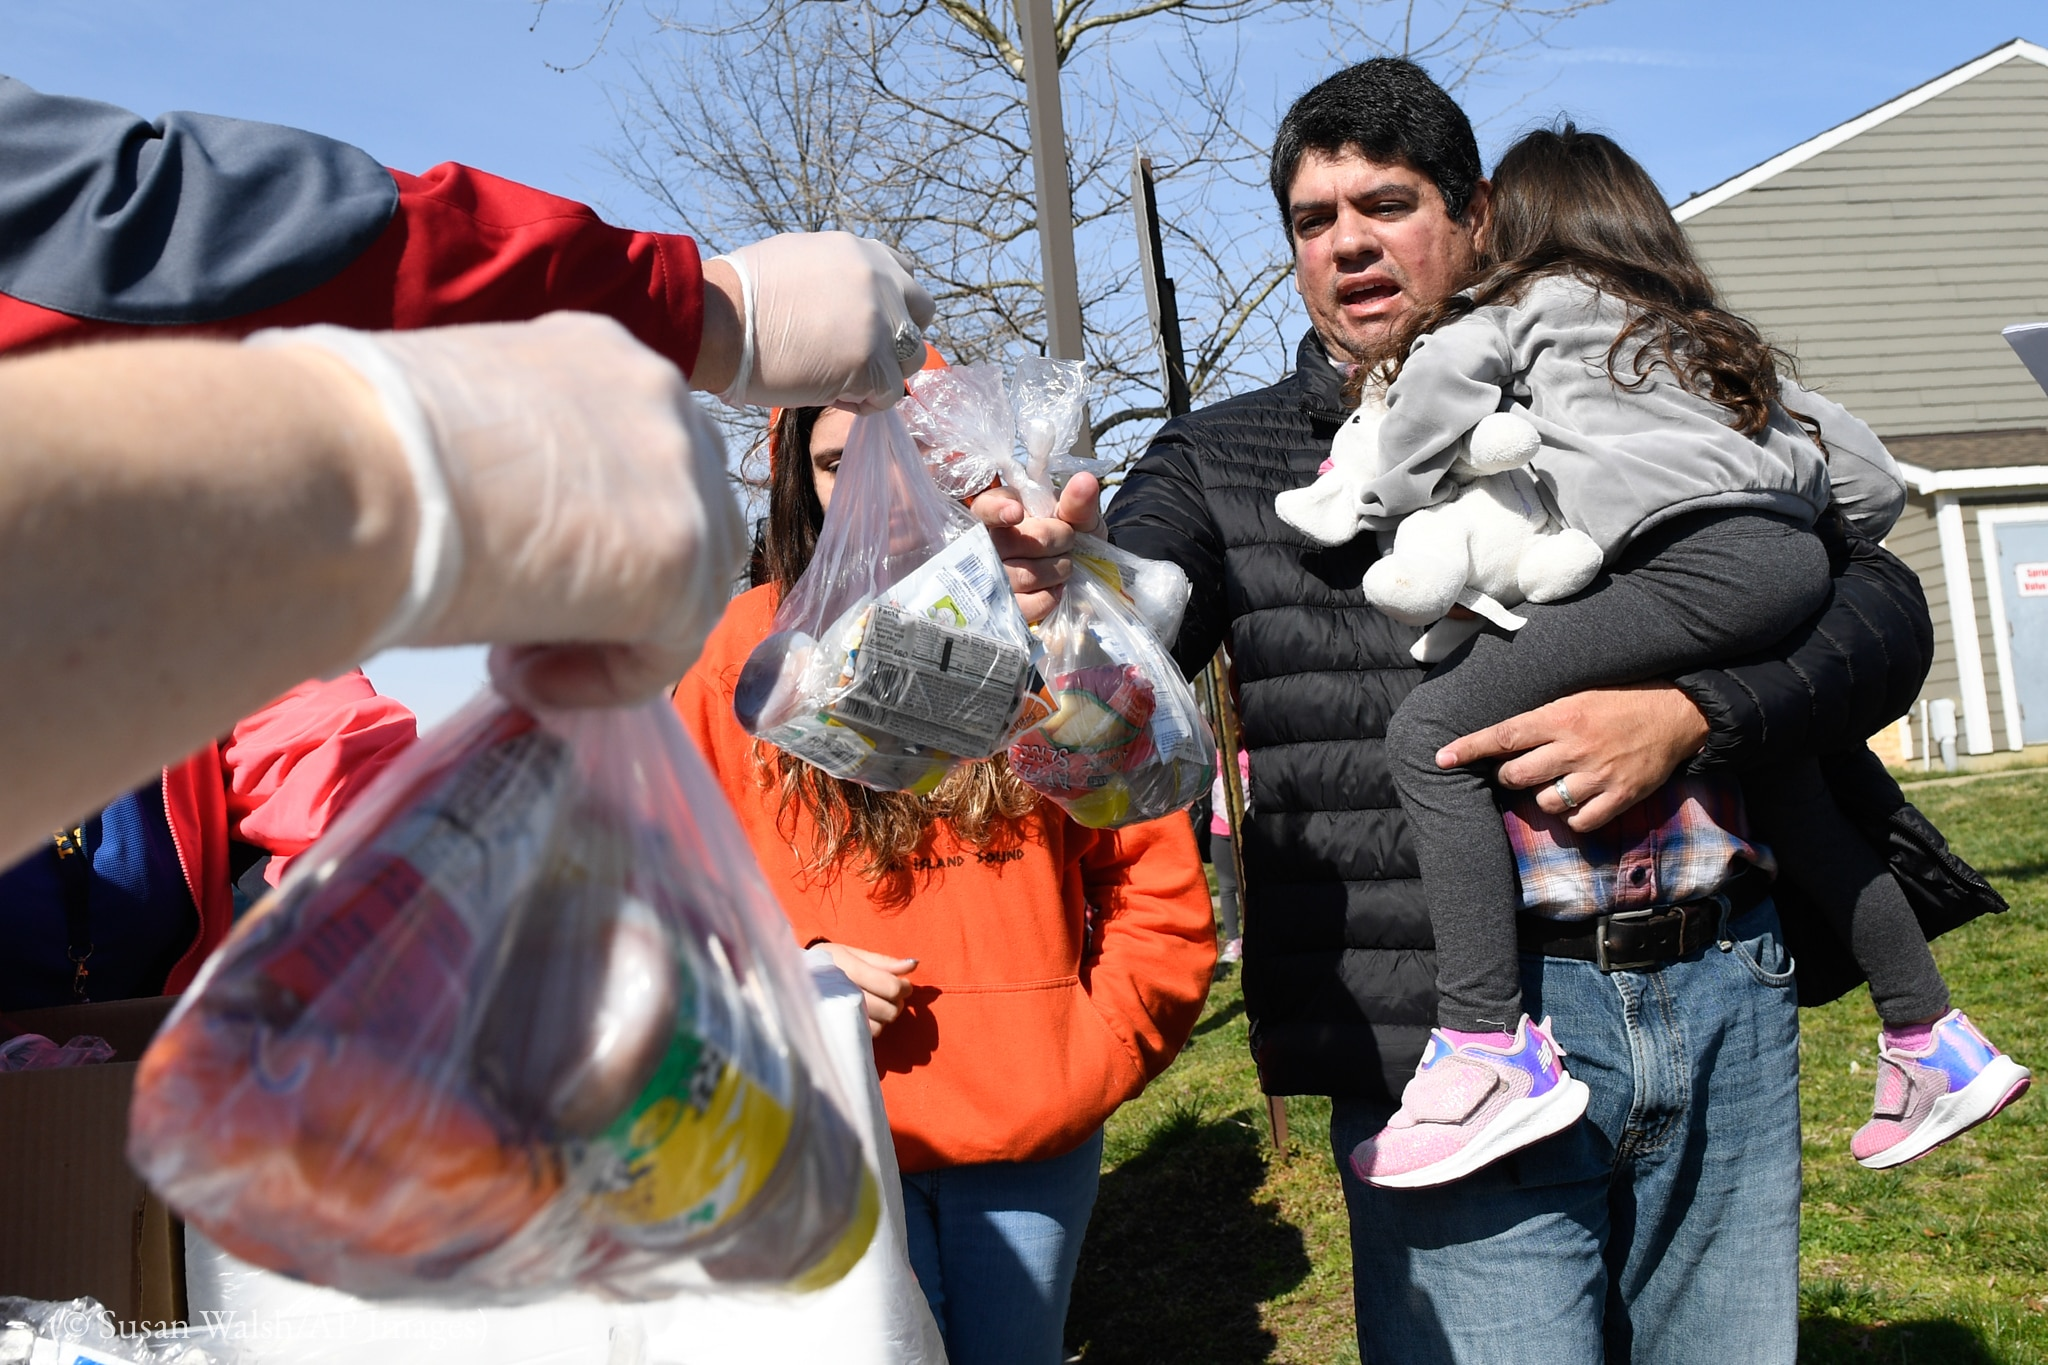 Hombre con un niño en brazos acepta bolsas de plástico llenas de comida de unas manos enguantadas (© Susan Walsh/AP Images)